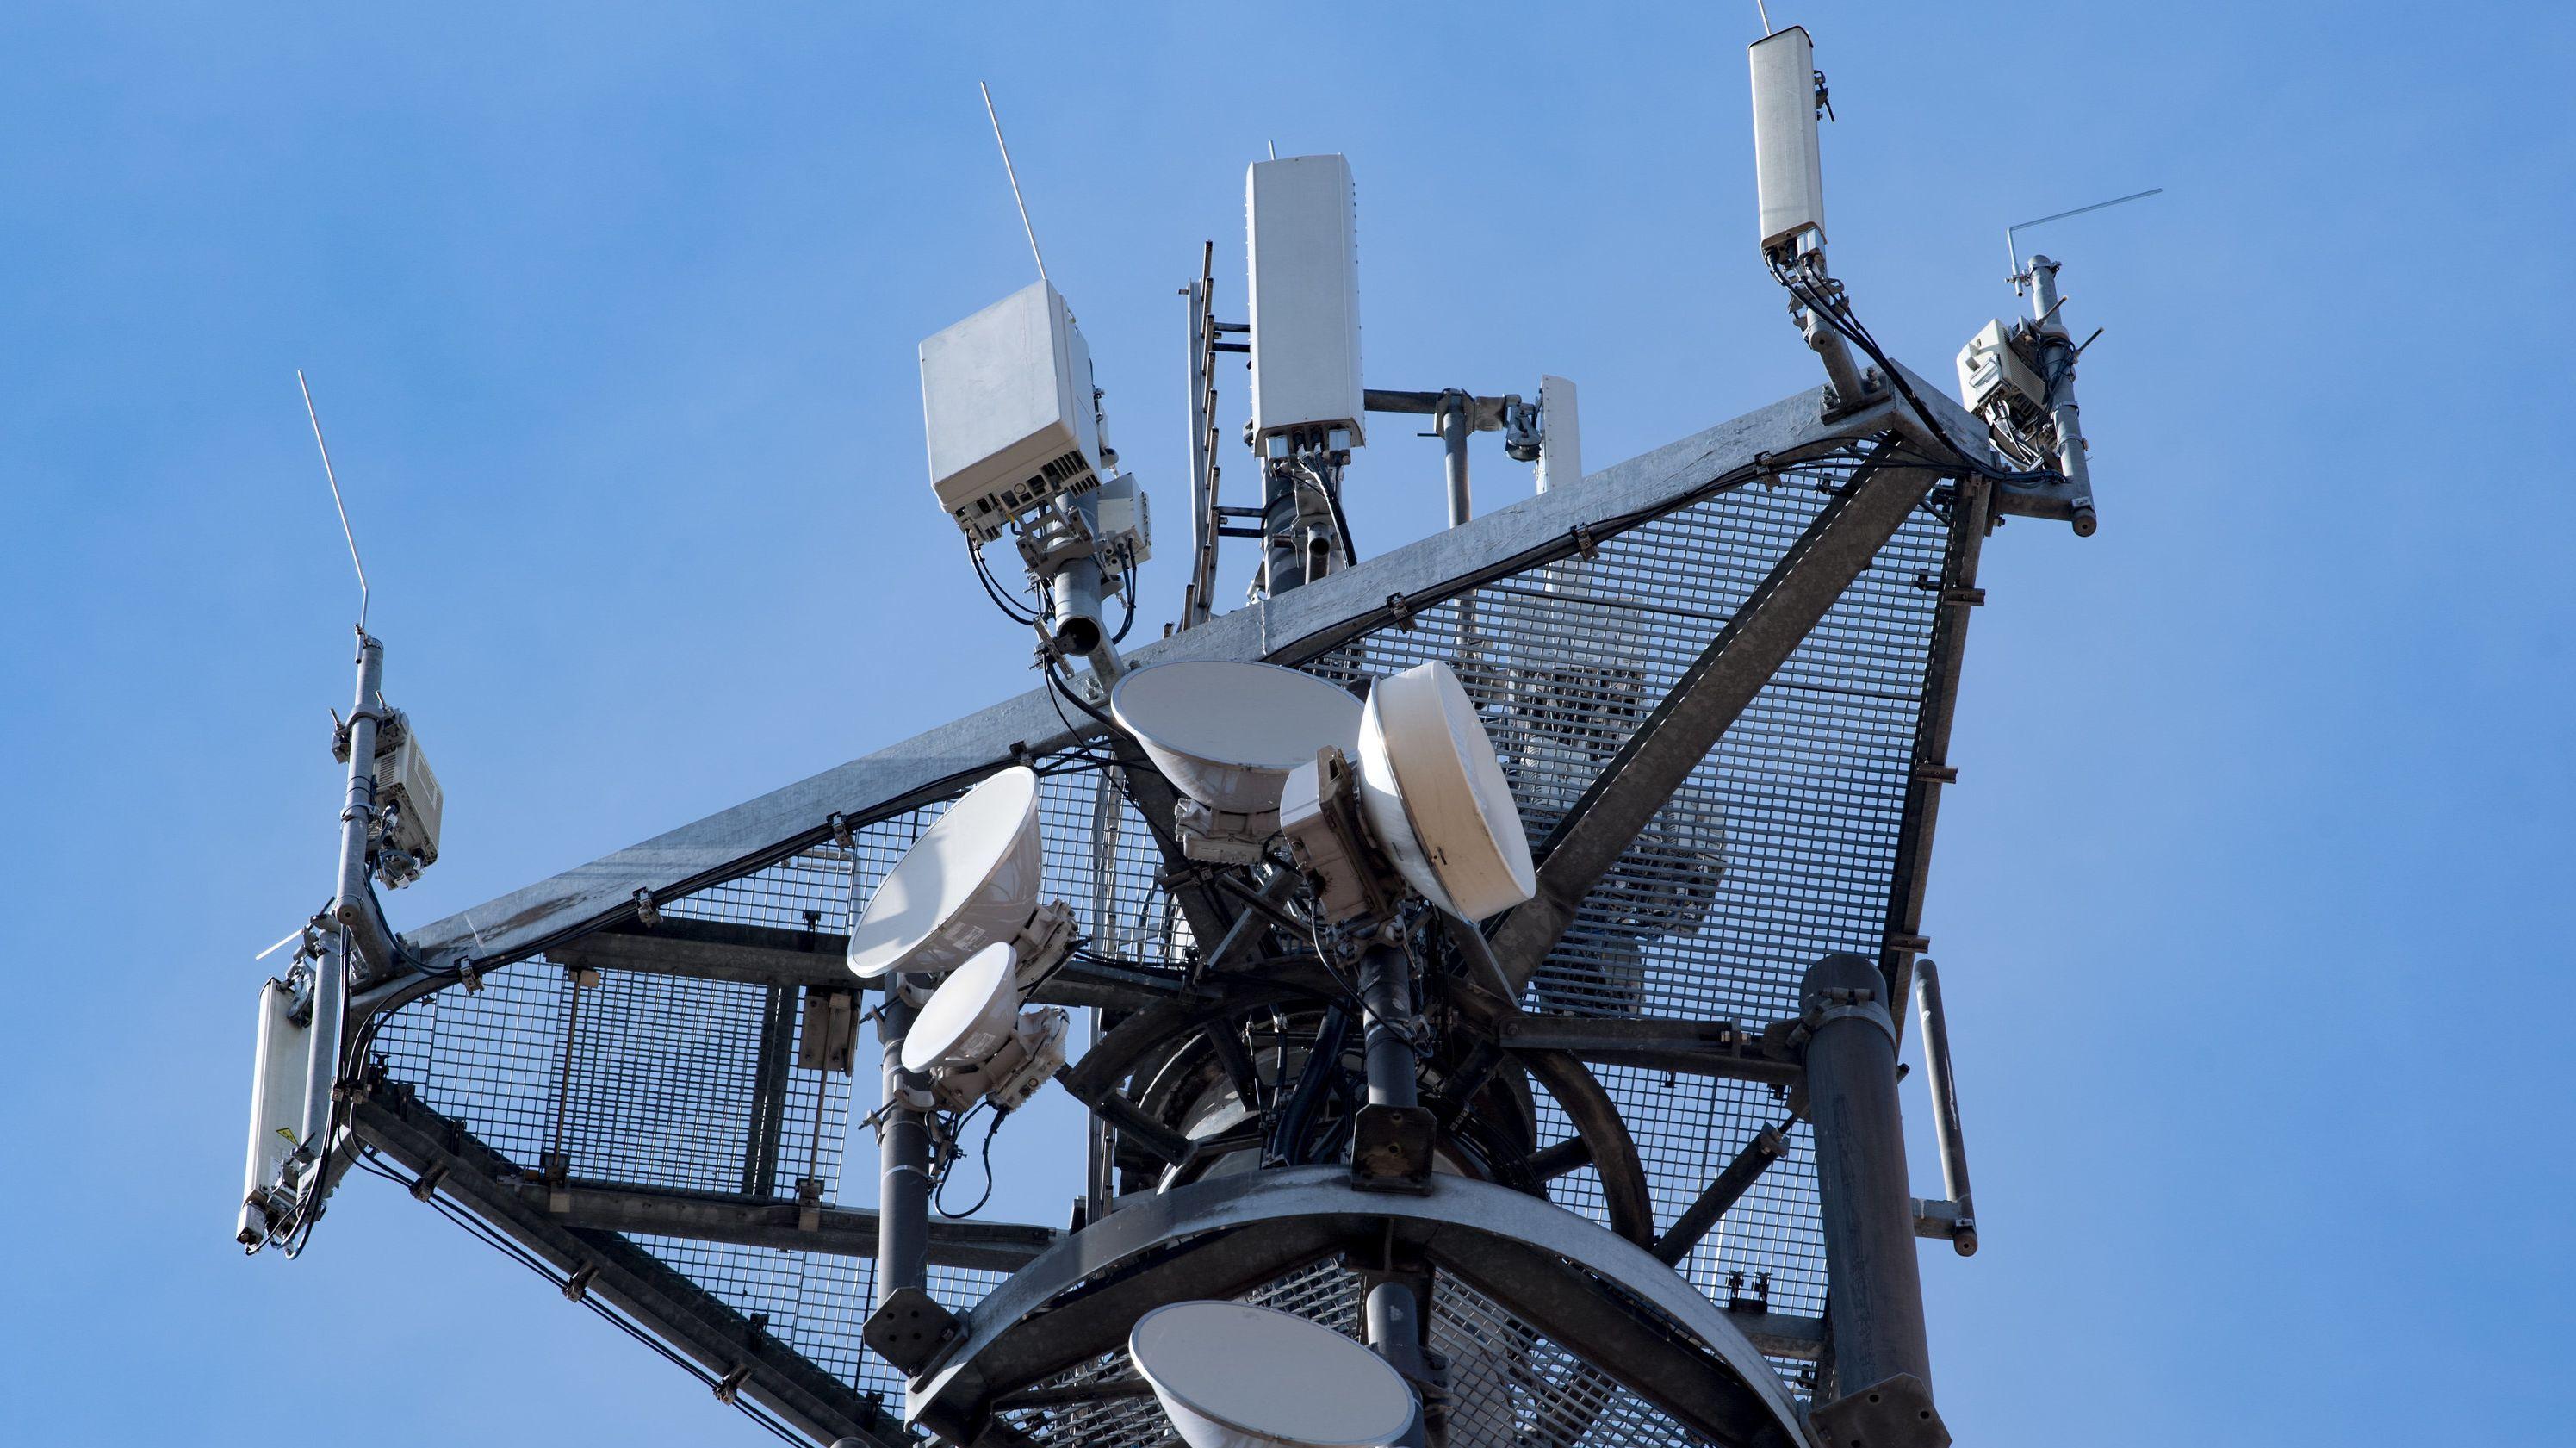 Ein Funkmast mit Modulen für die neue Mobilfunk-Generation 5G.